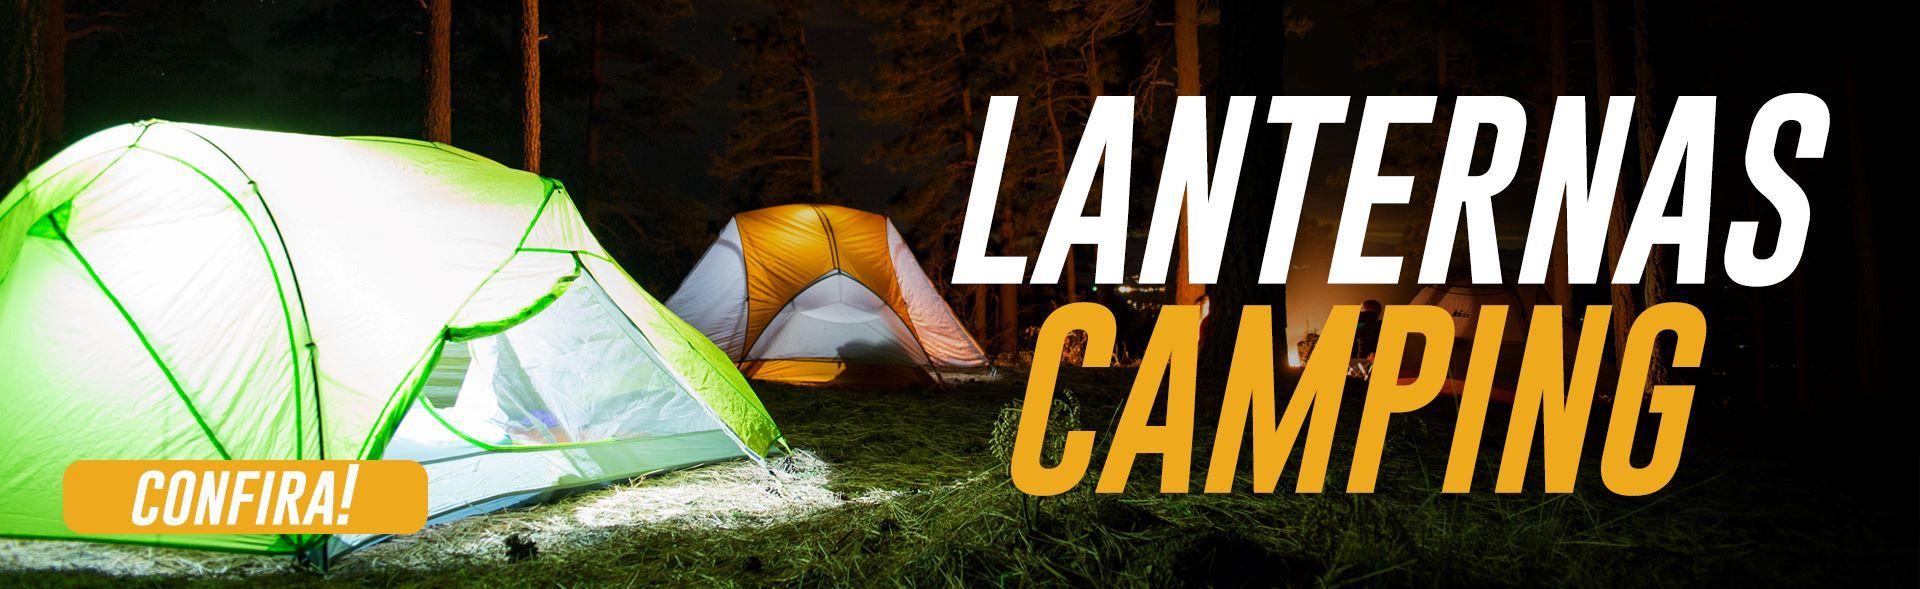 Lanternas Camping